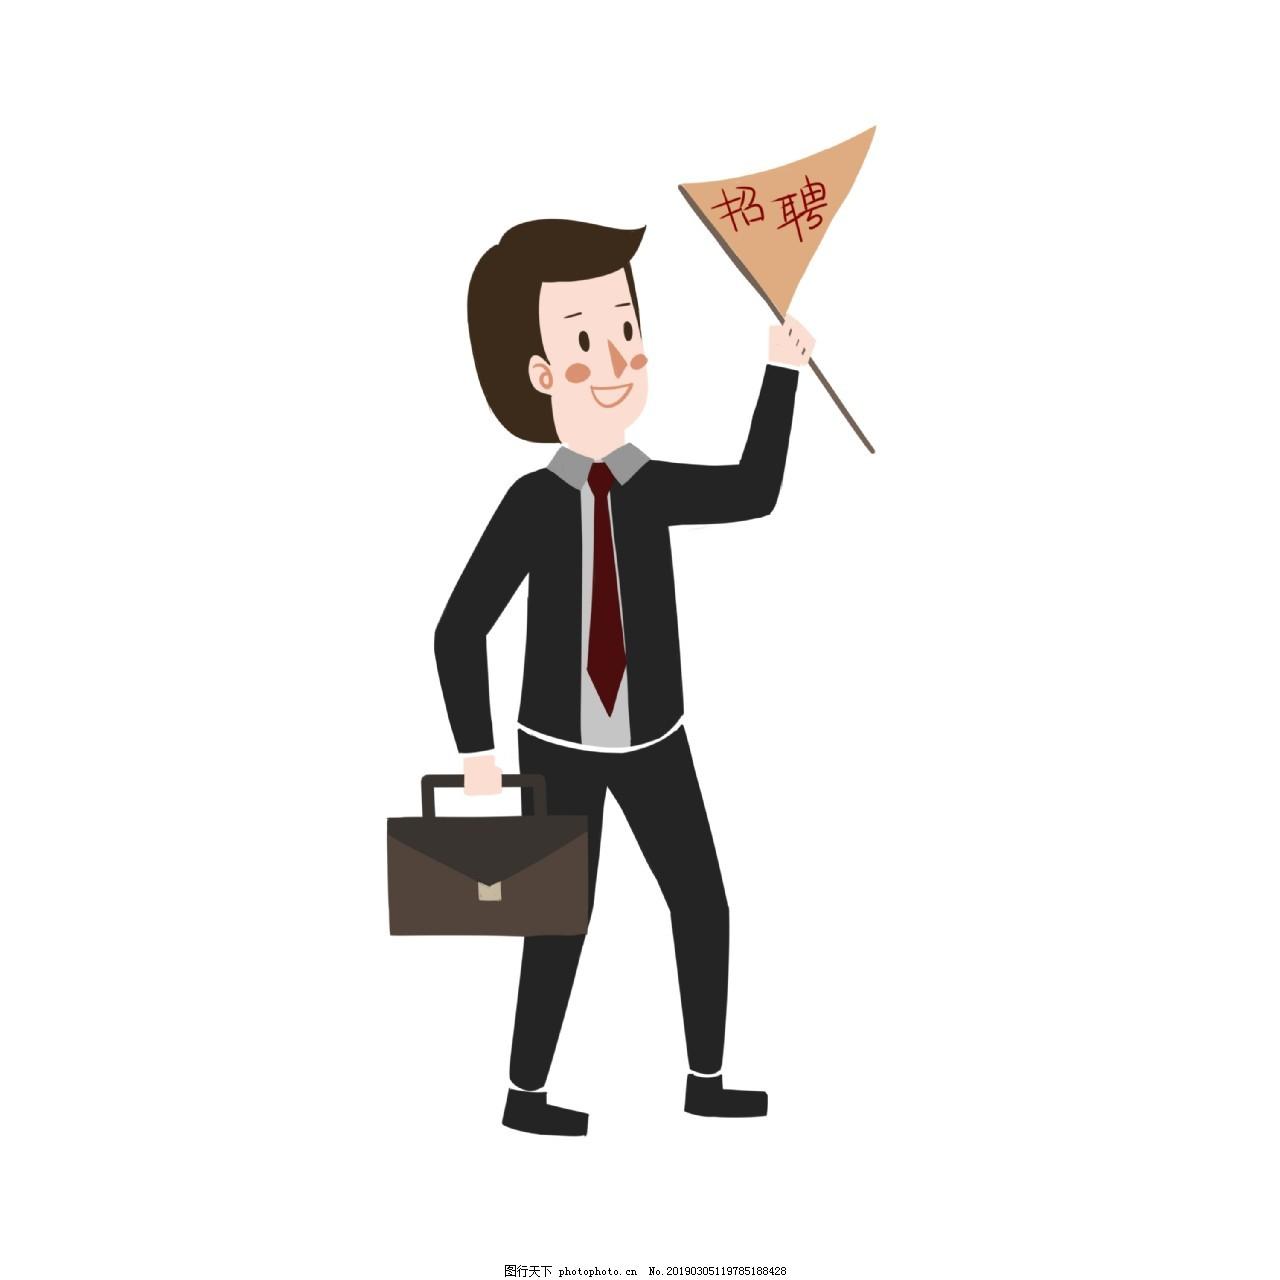 招聘上班族帅气白领,精致,干练,简约大方,薪资待遇,双休,待遇优厚